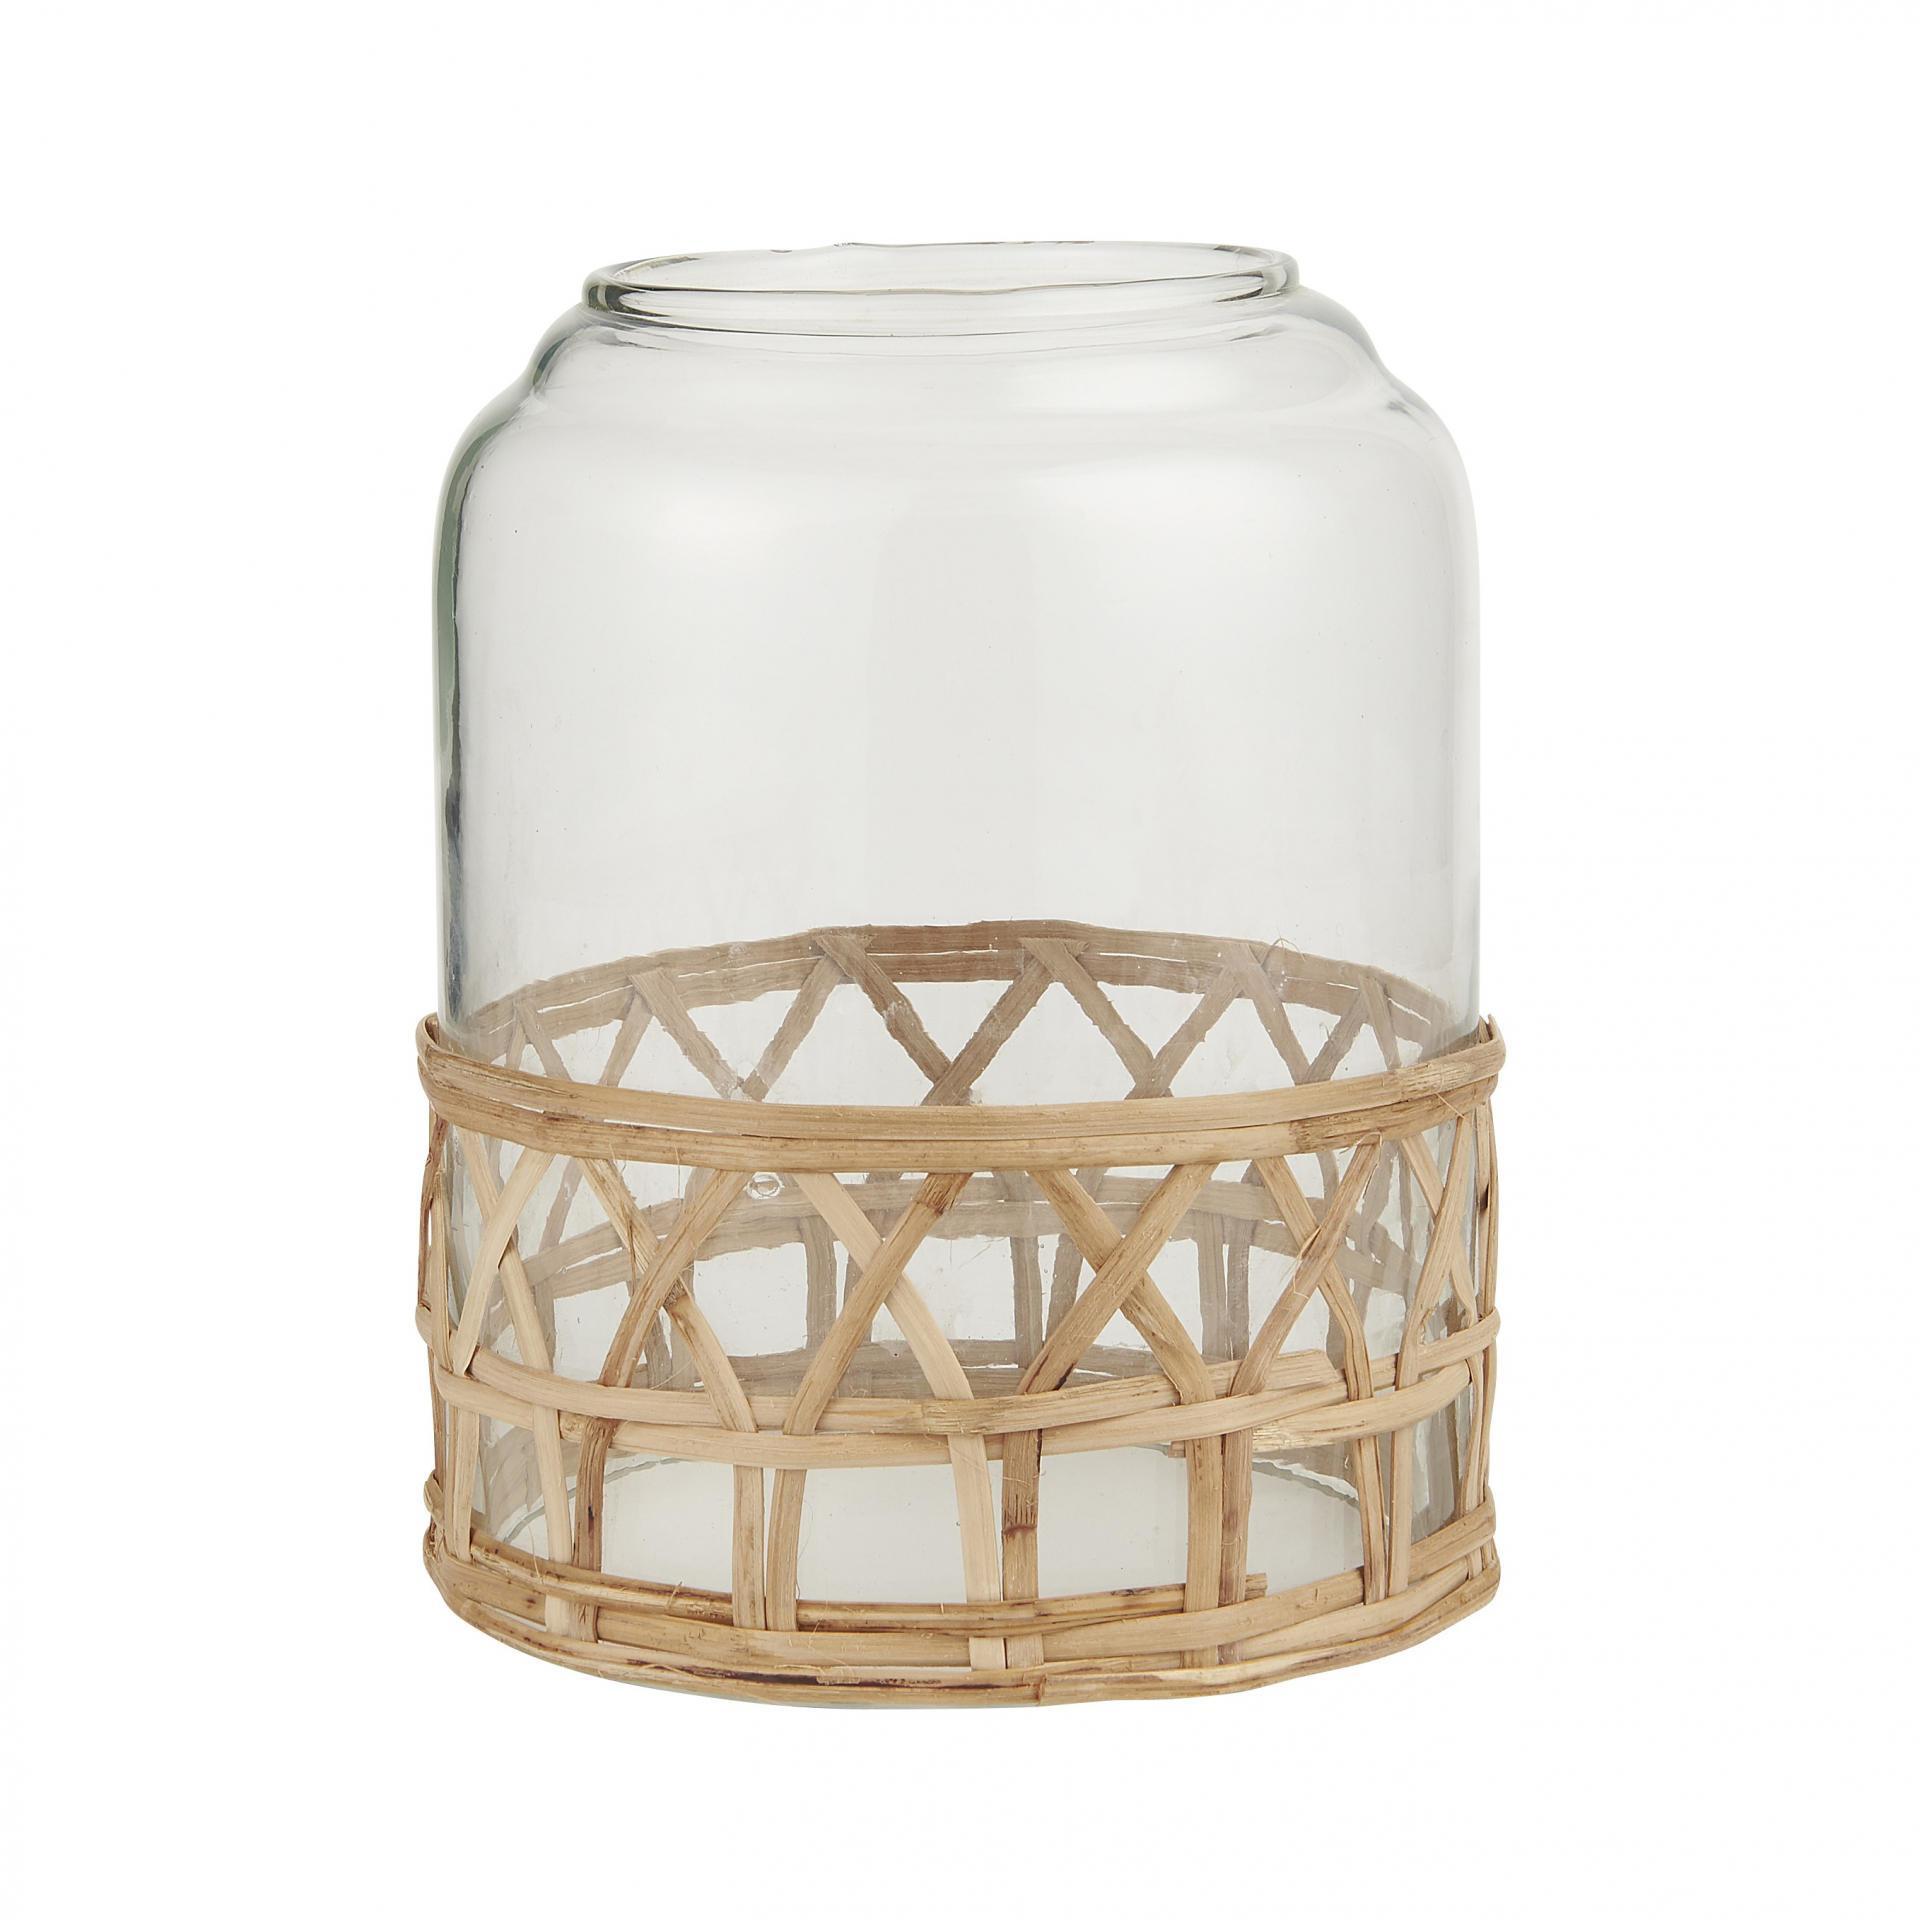 IB LAURSEN Skleněný poklop Bamboo Braid, čirá barva, přírodní barva, sklo, dřevo